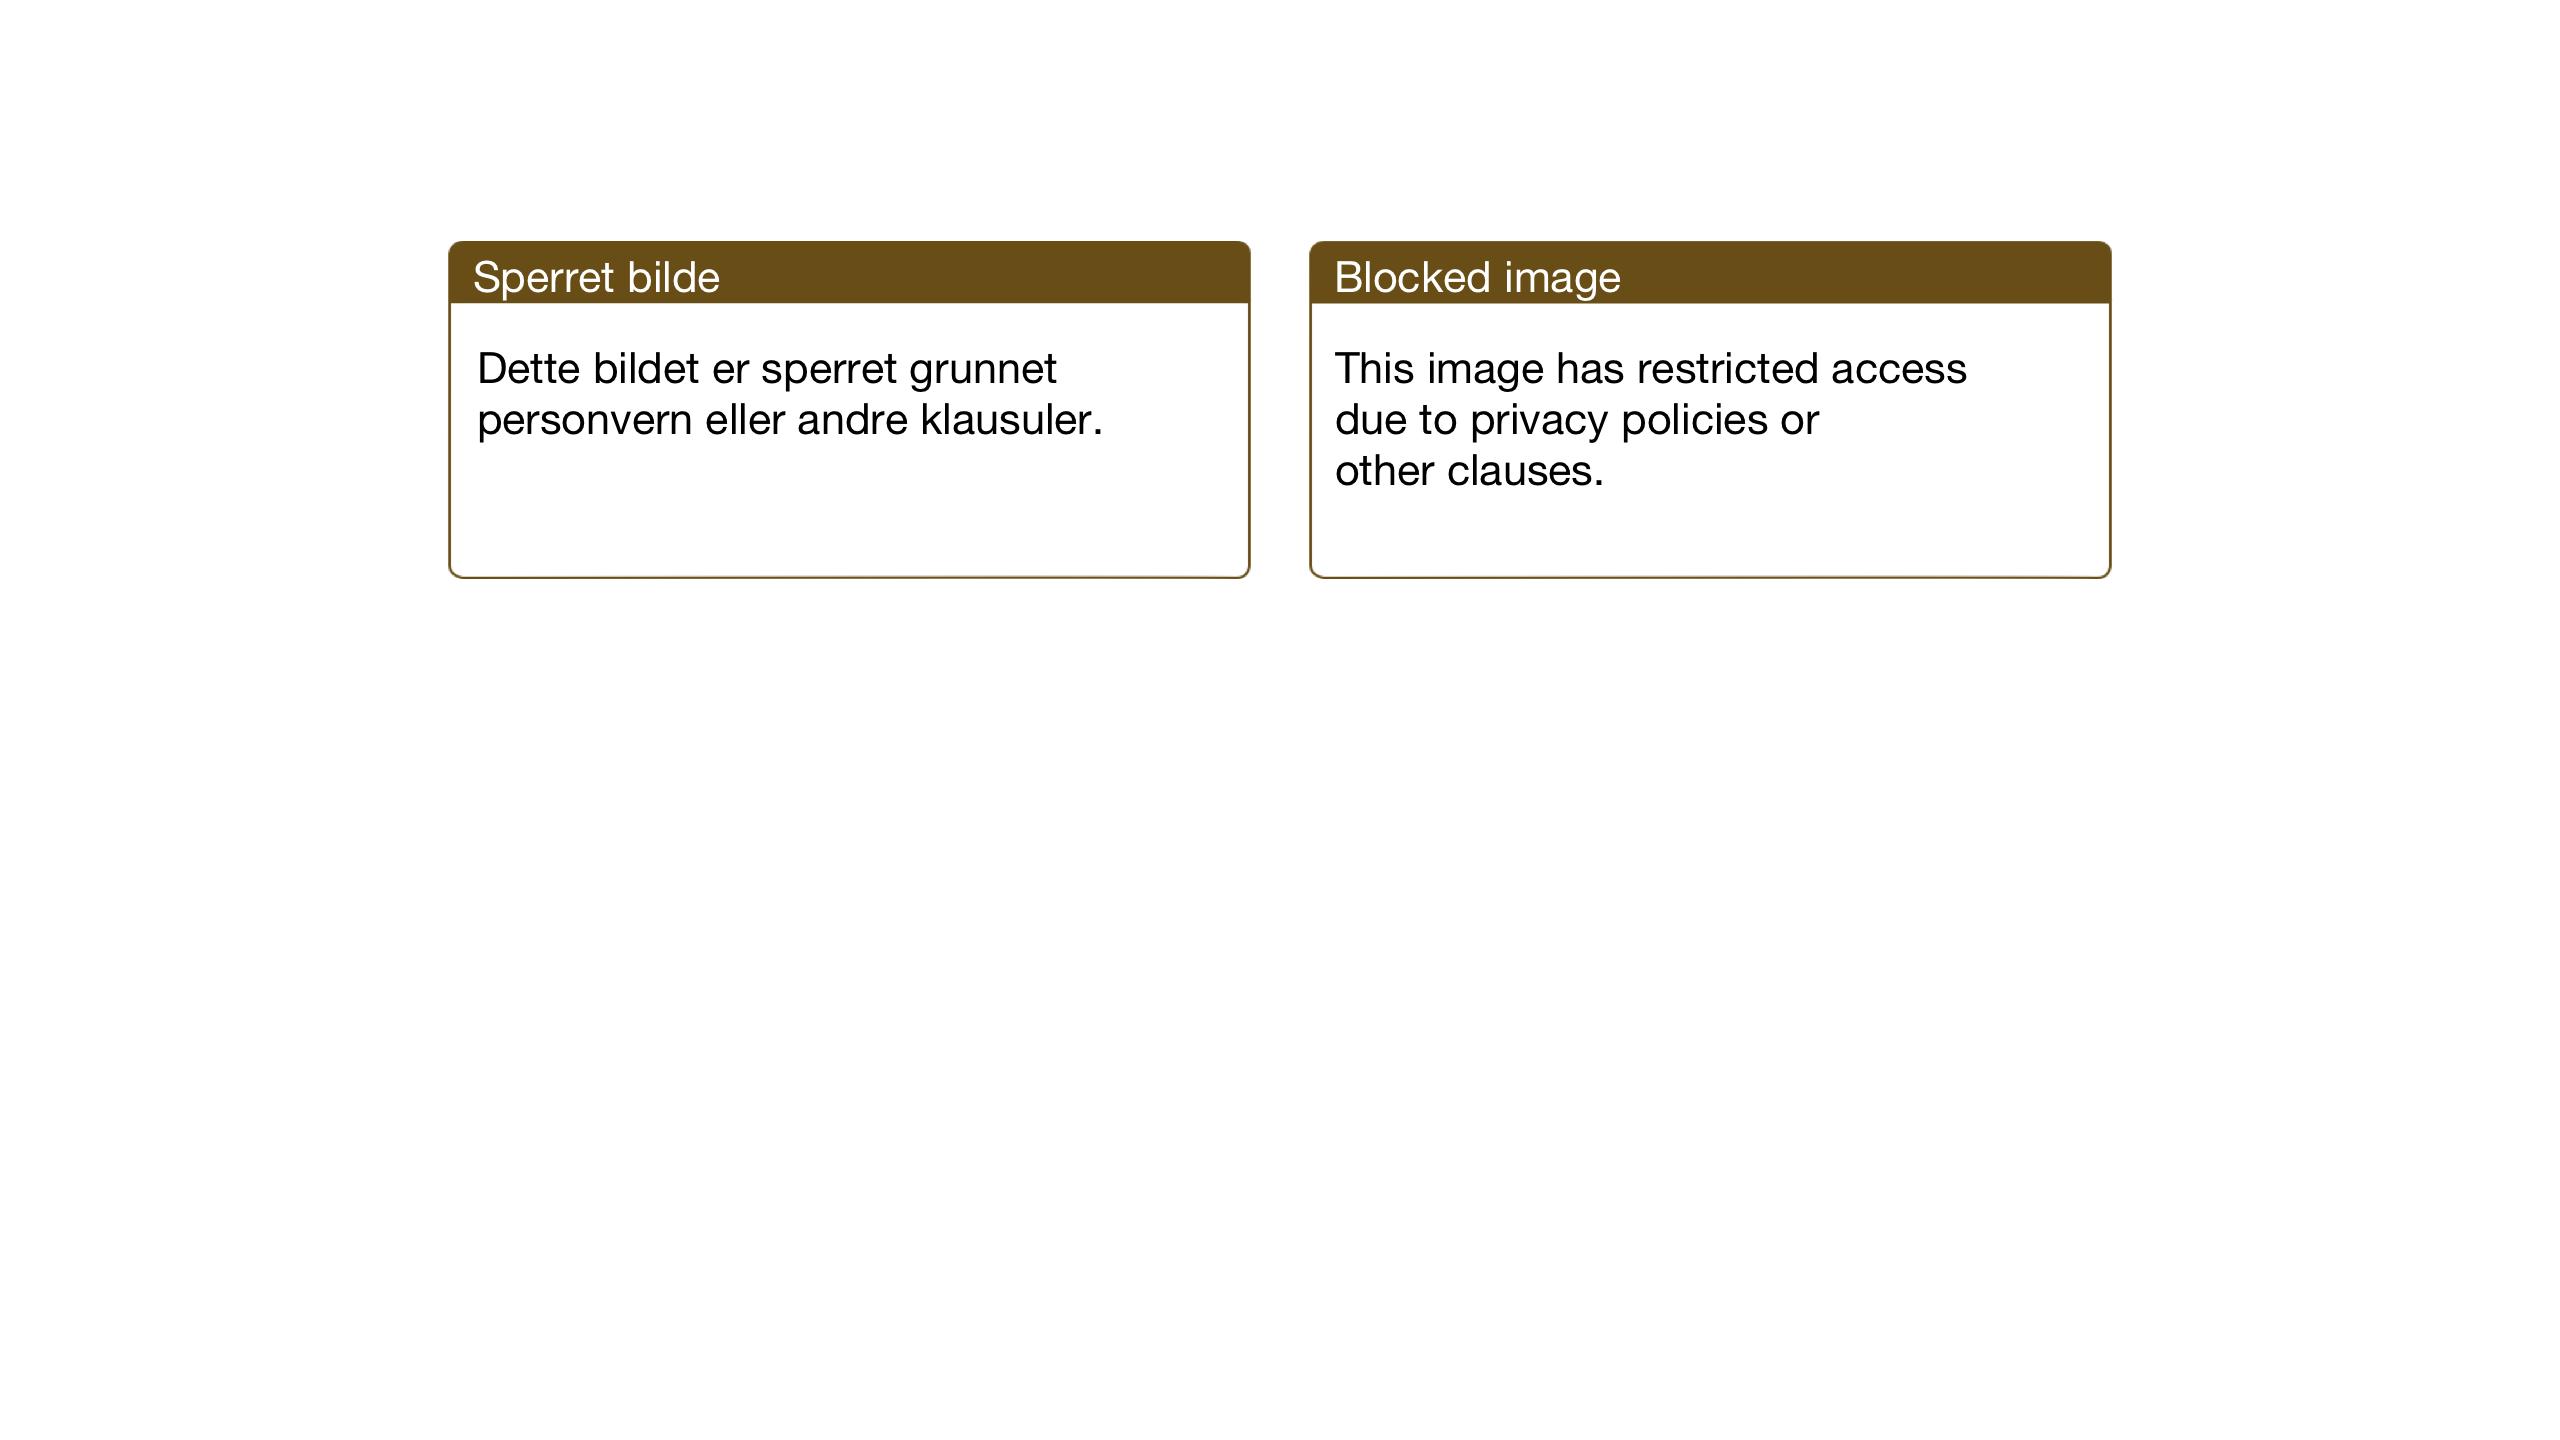 SAT, Ministerialprotokoller, klokkerbøker og fødselsregistre - Nord-Trøndelag, 714/L0136: Klokkerbok nr. 714C05, 1918-1957, s. 67